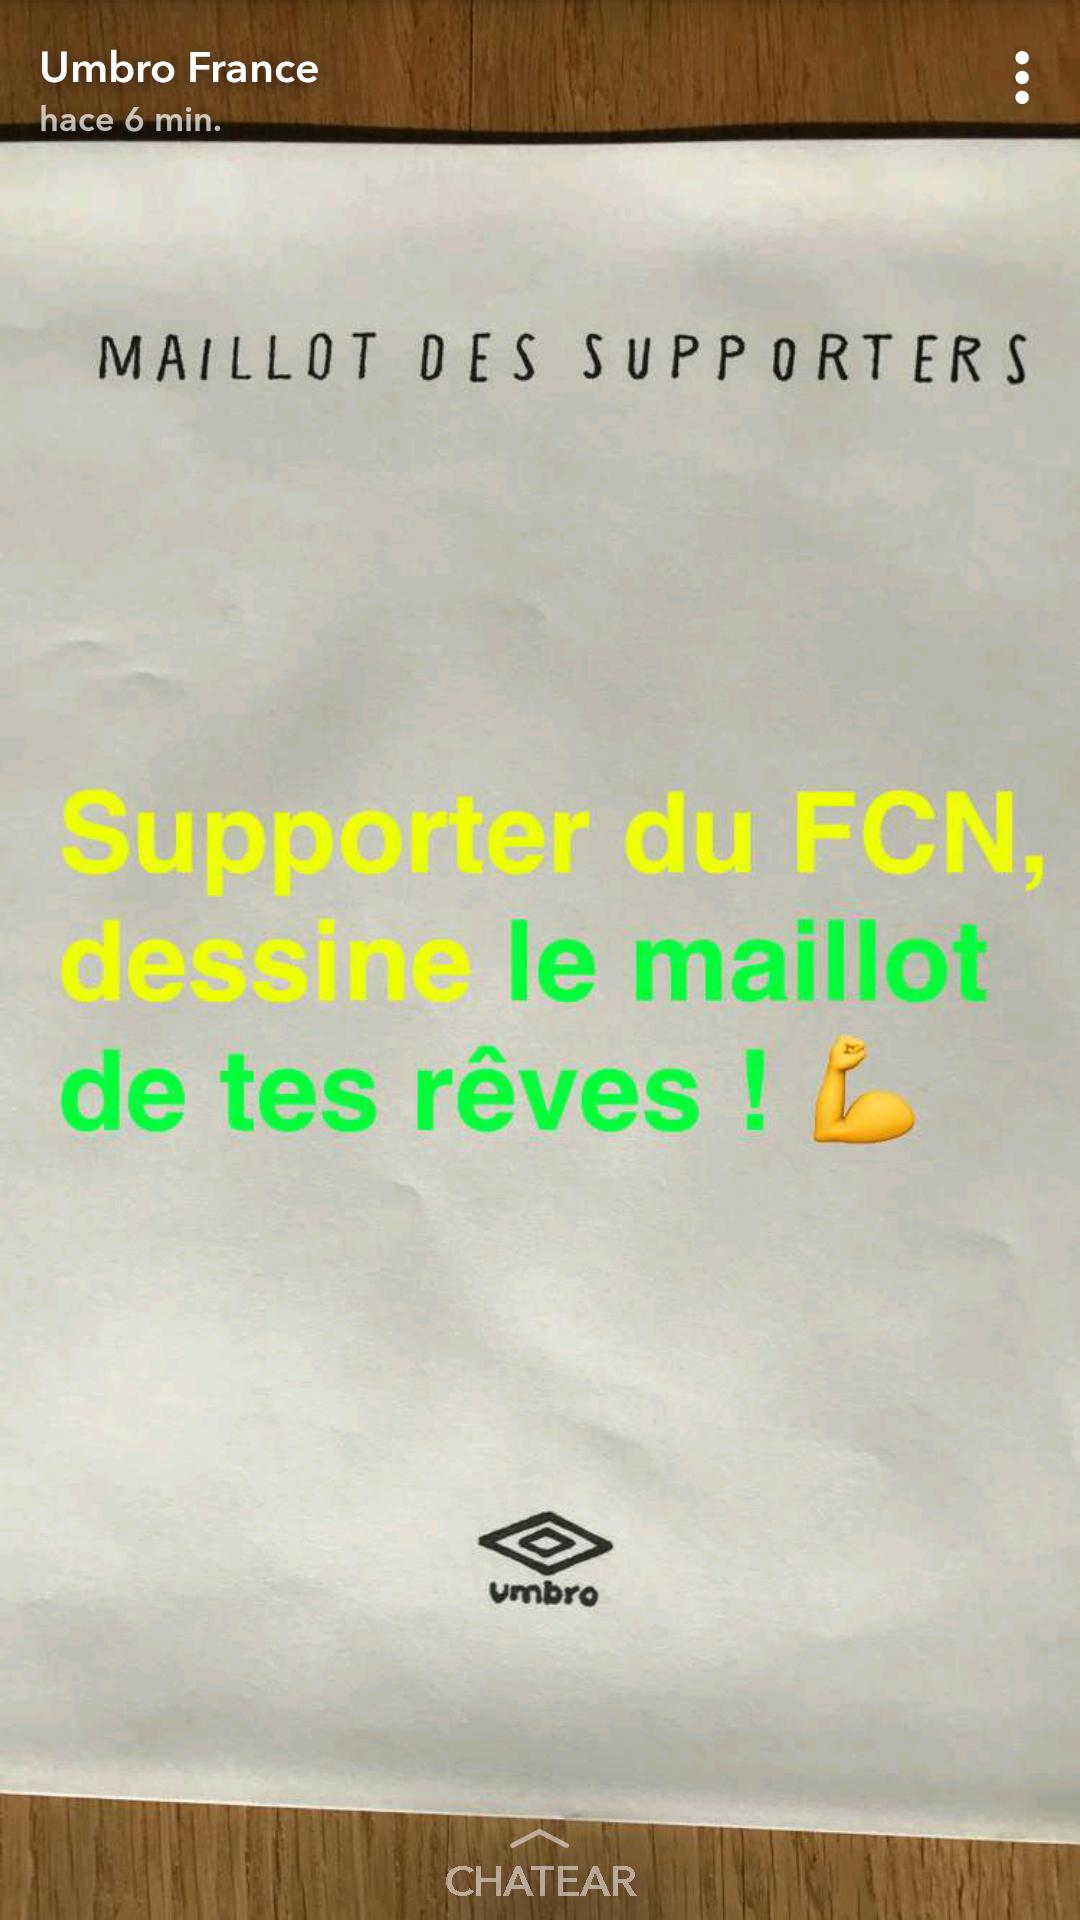 Umbro invite les fans du FC Nantes à dessiner le maillot de leurs rêves sur Snapchat